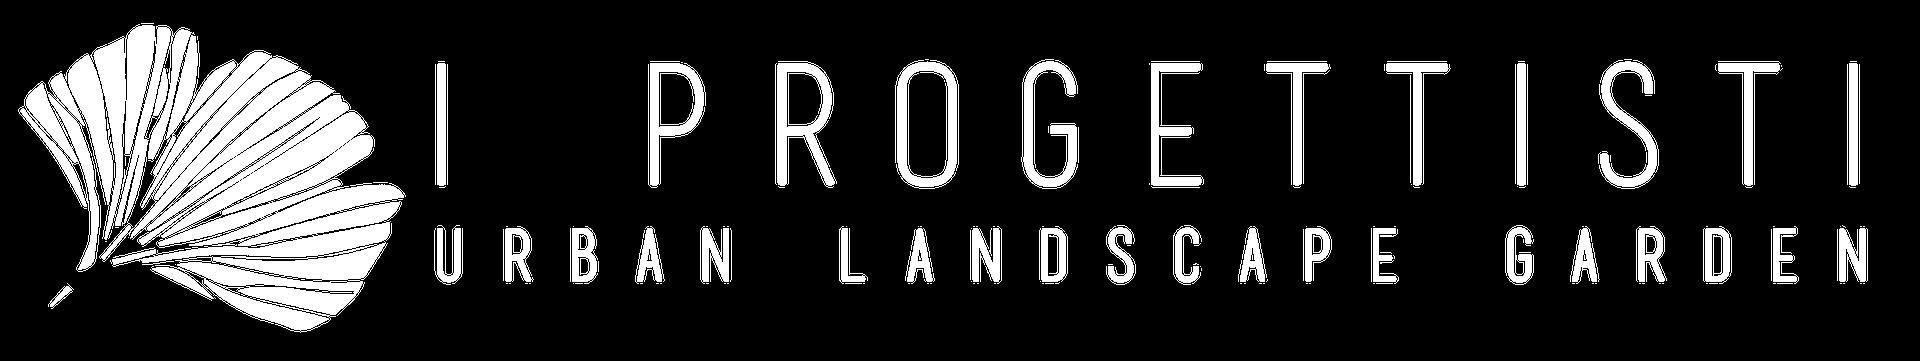 URBAN LANDSCAPE GARDEN DESIGN